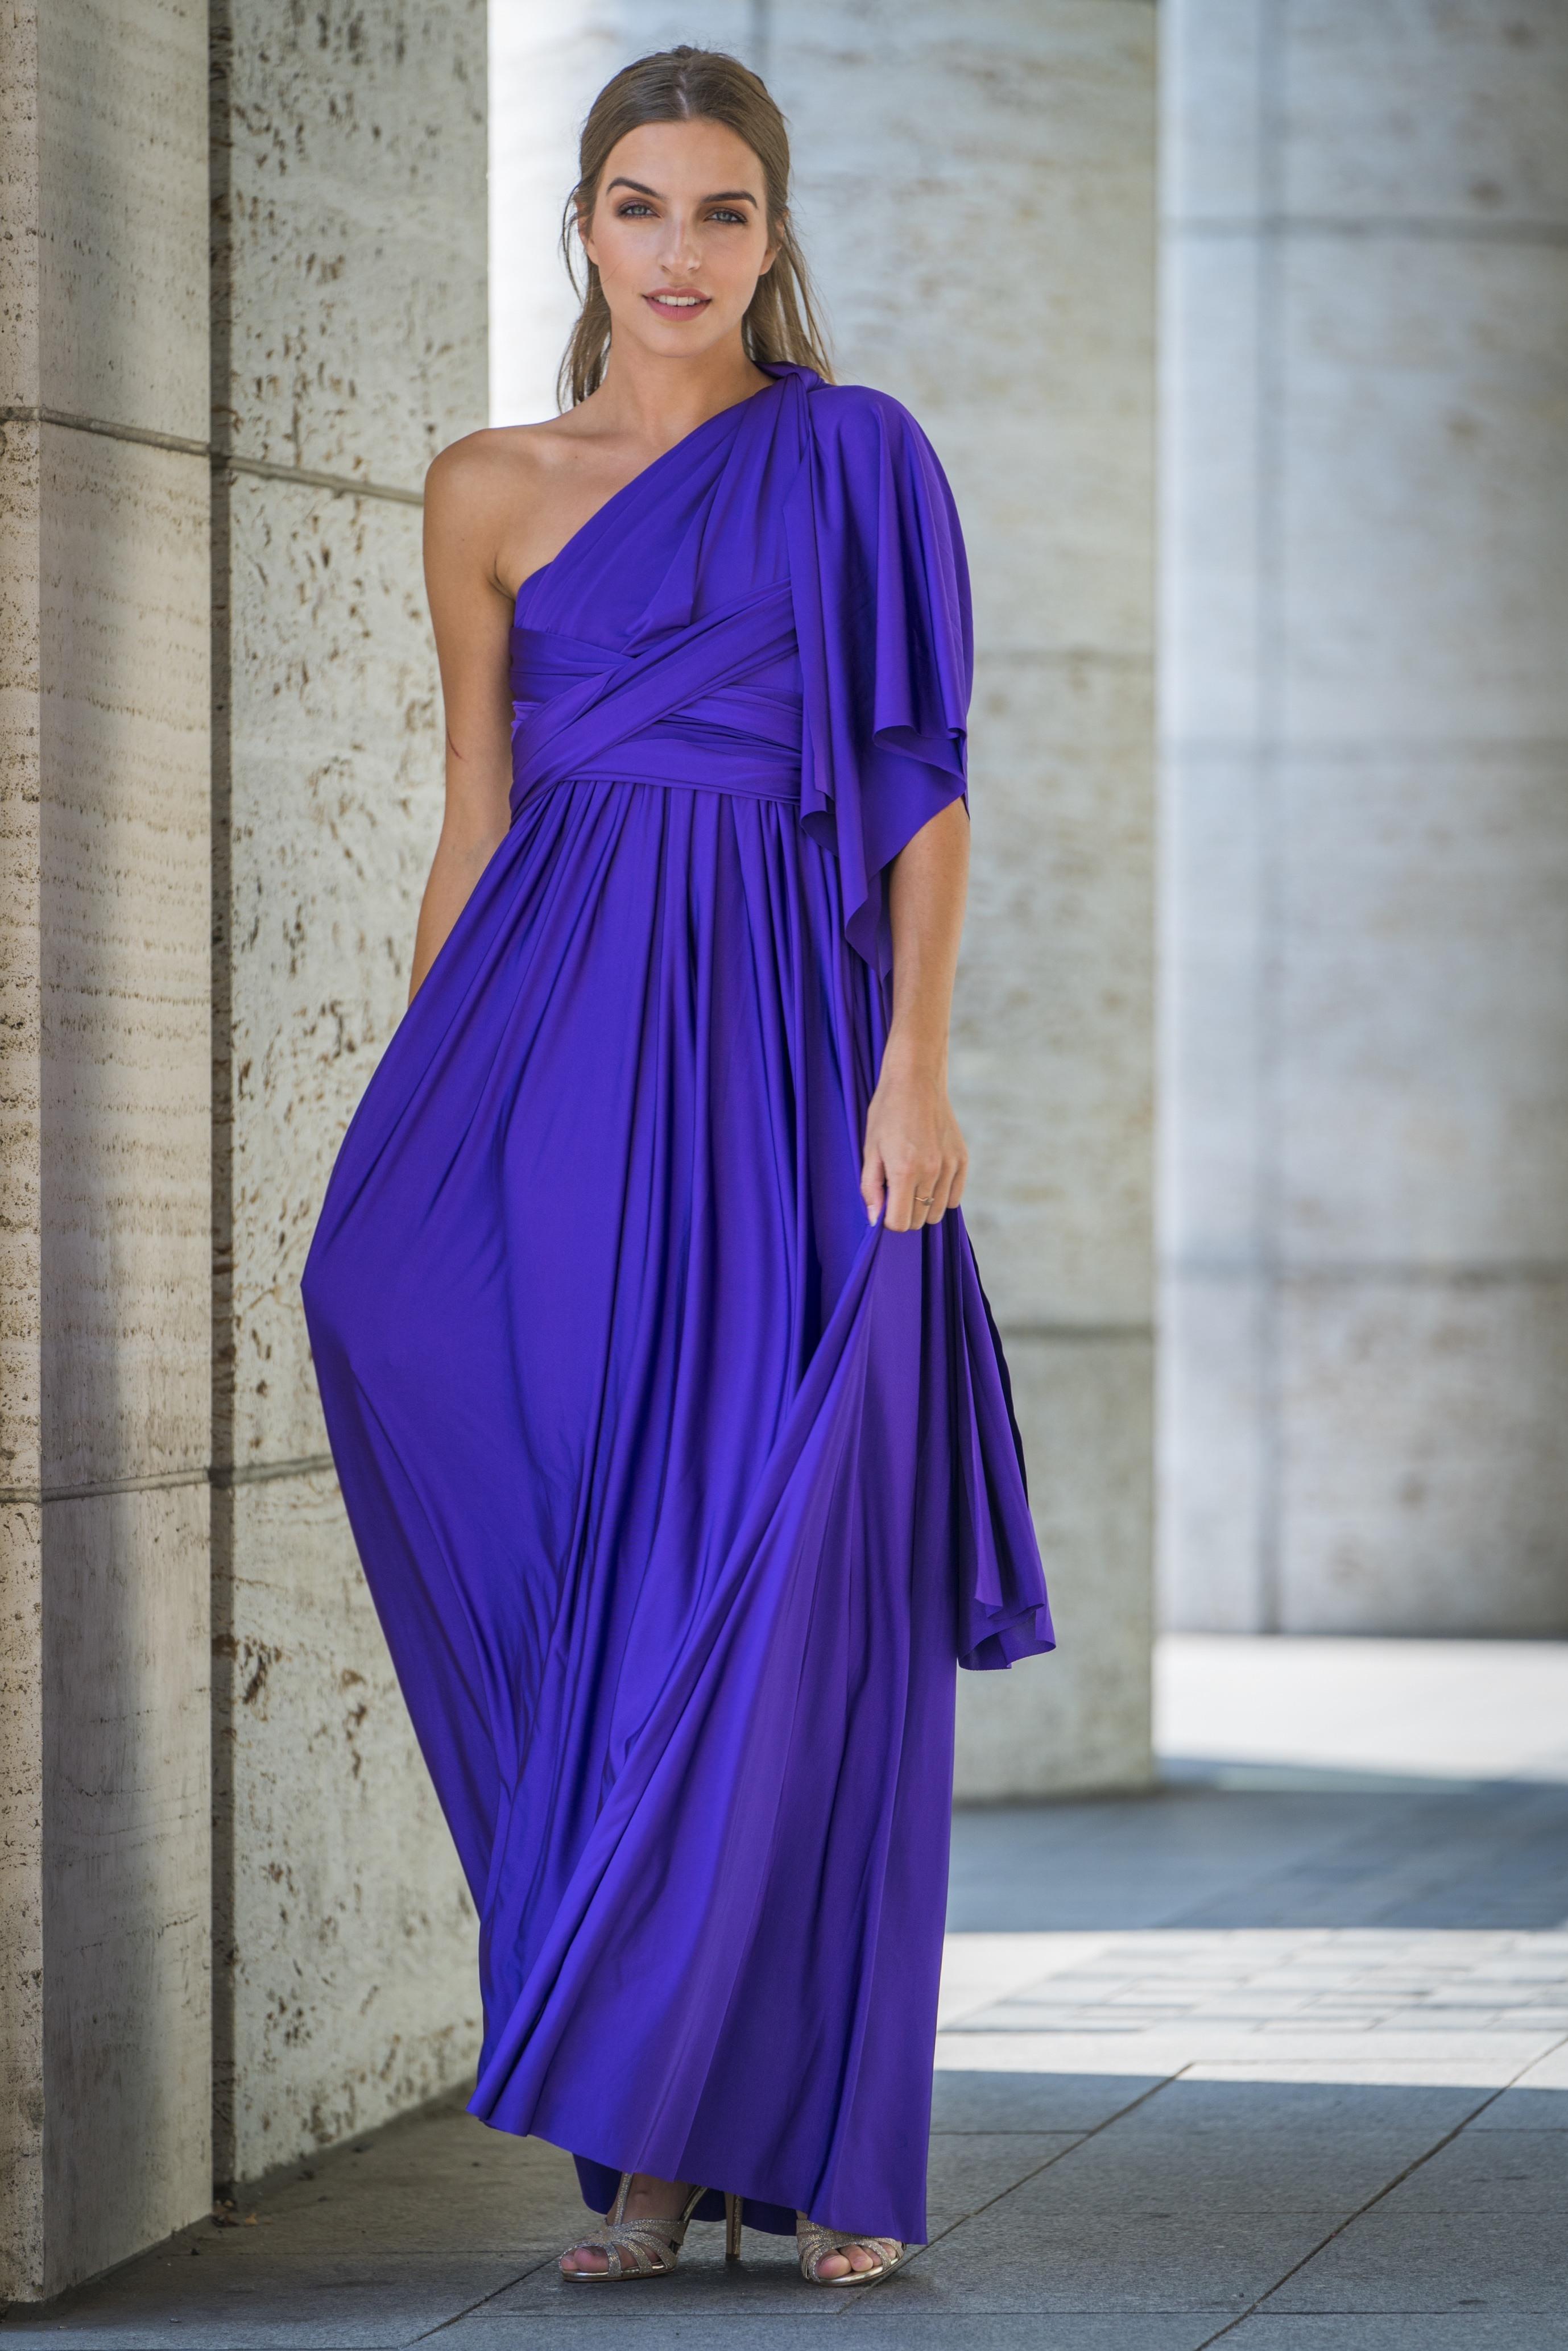 17 Wunderbar Wickelkleid Abendkleid SpezialgebietAbend Kreativ Wickelkleid Abendkleid Spezialgebiet